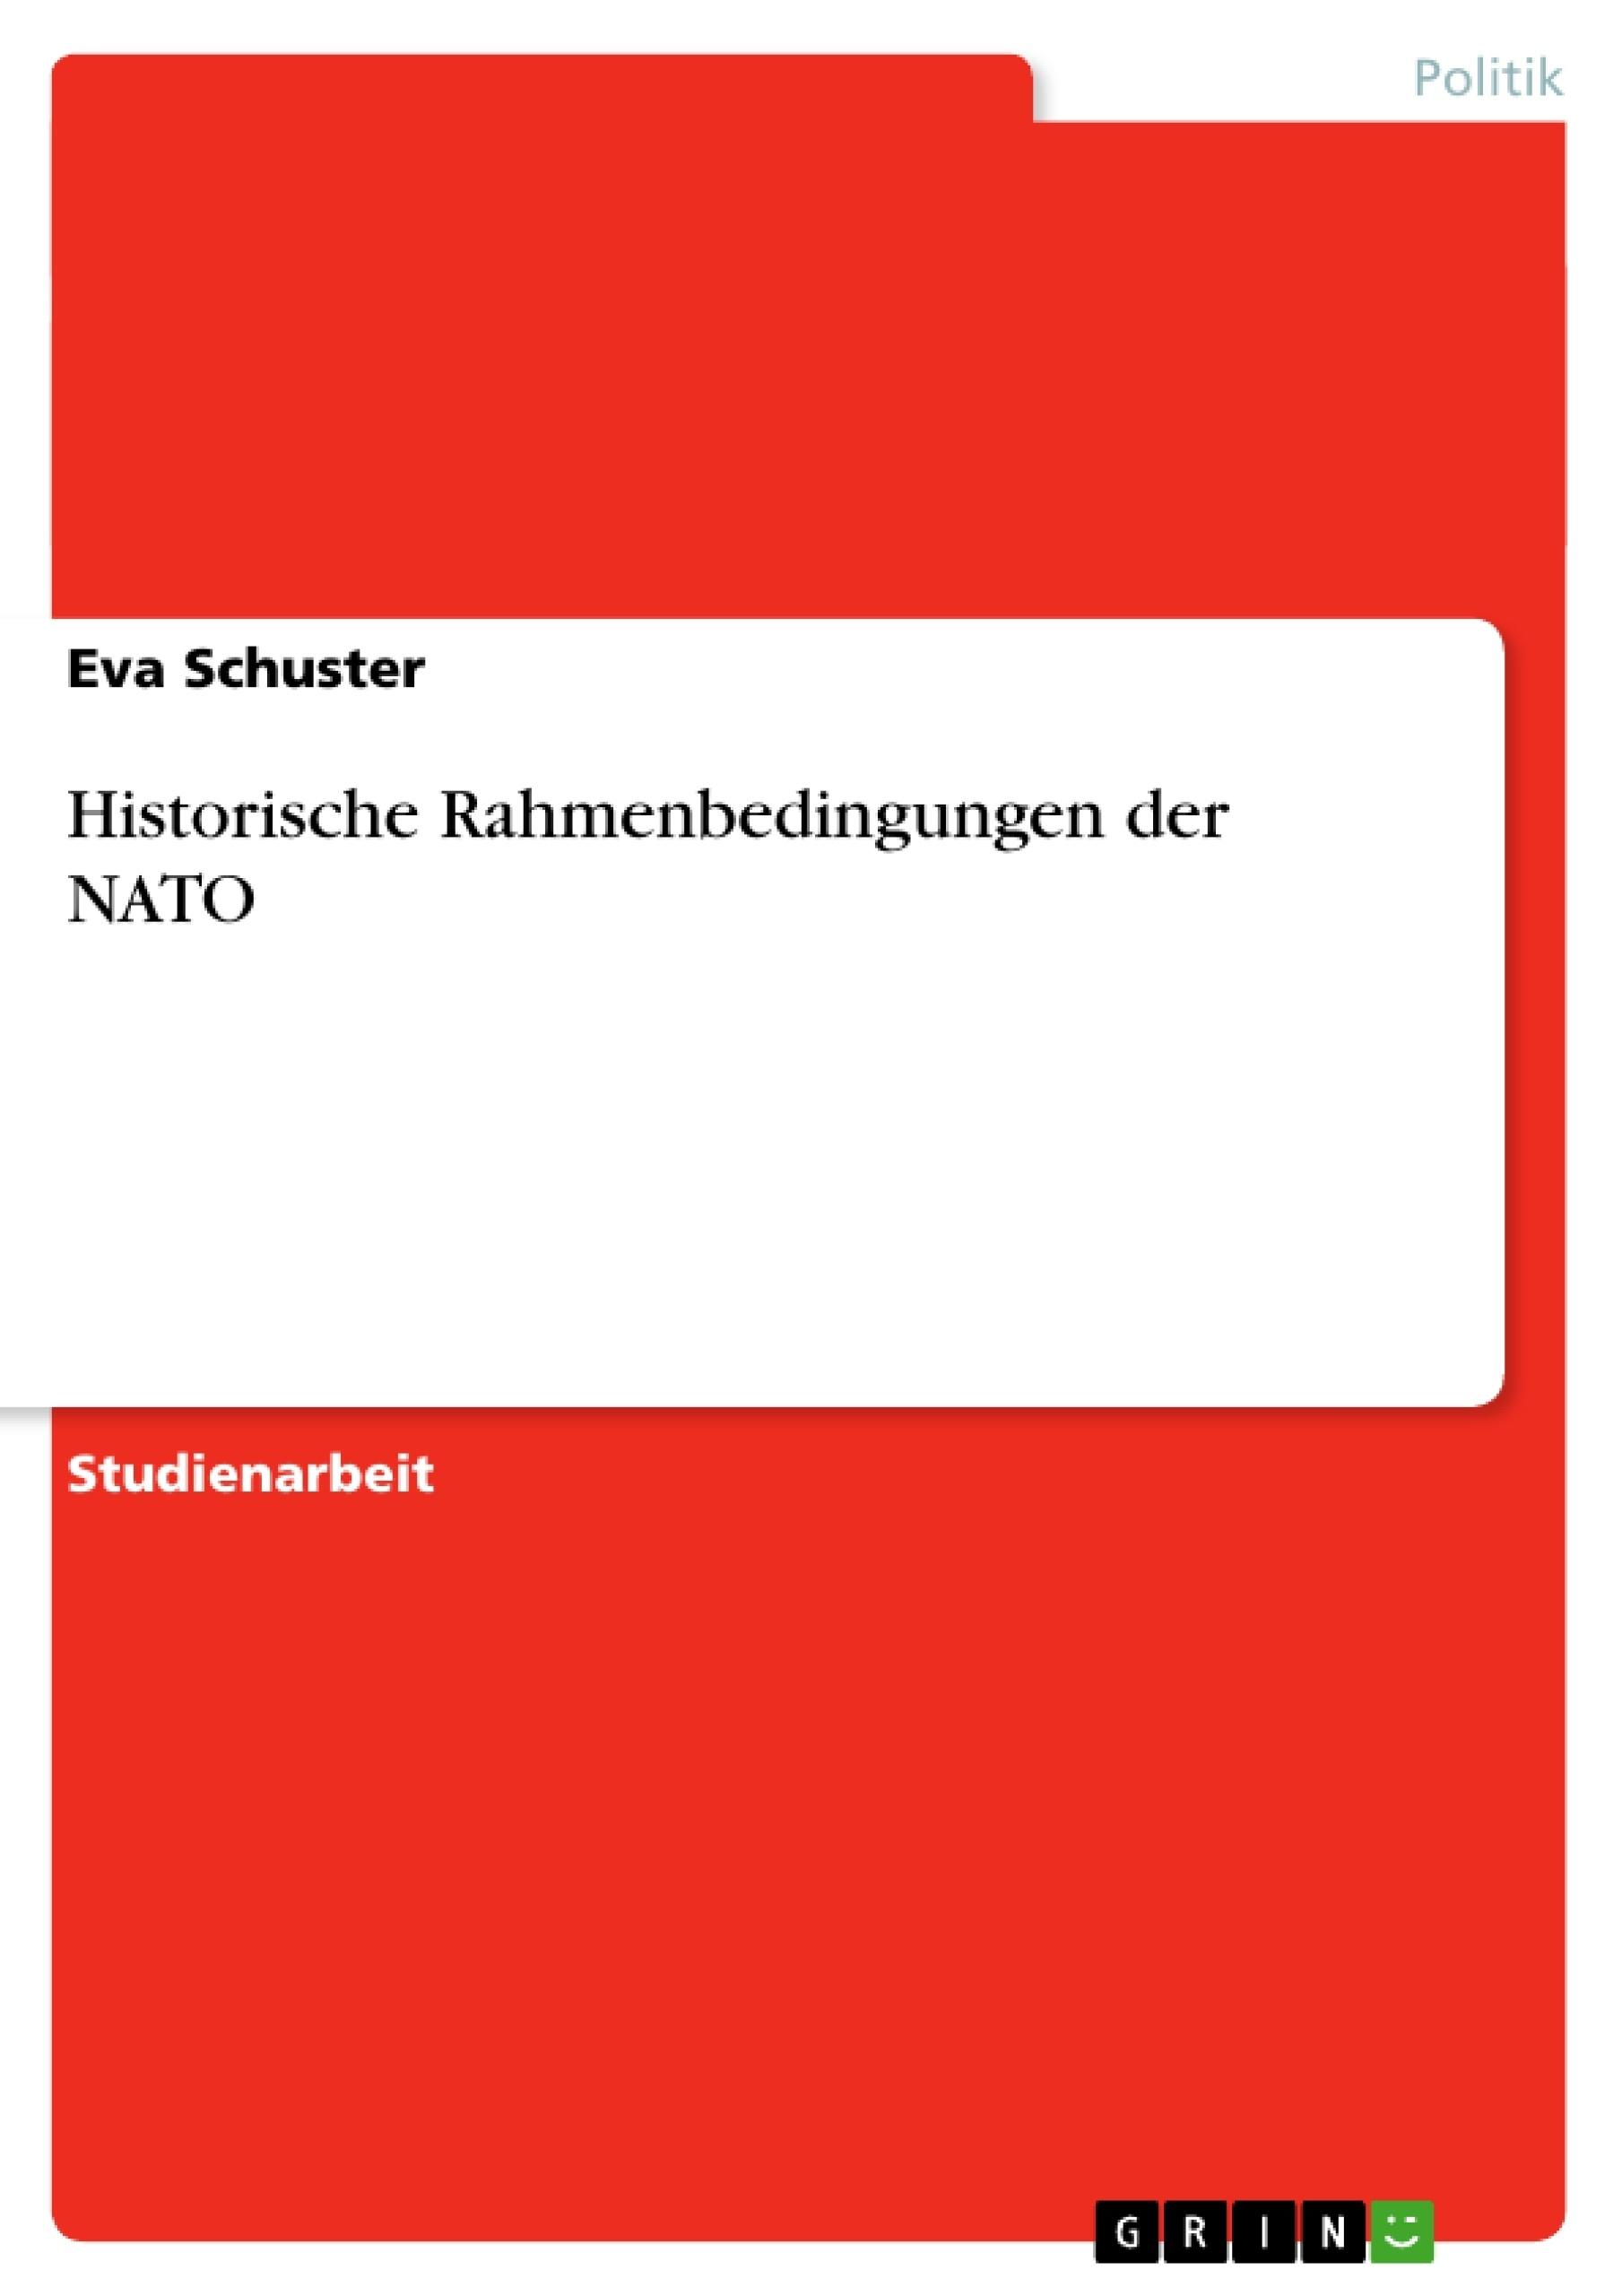 Titel: Historische Rahmenbedingungen der NATO